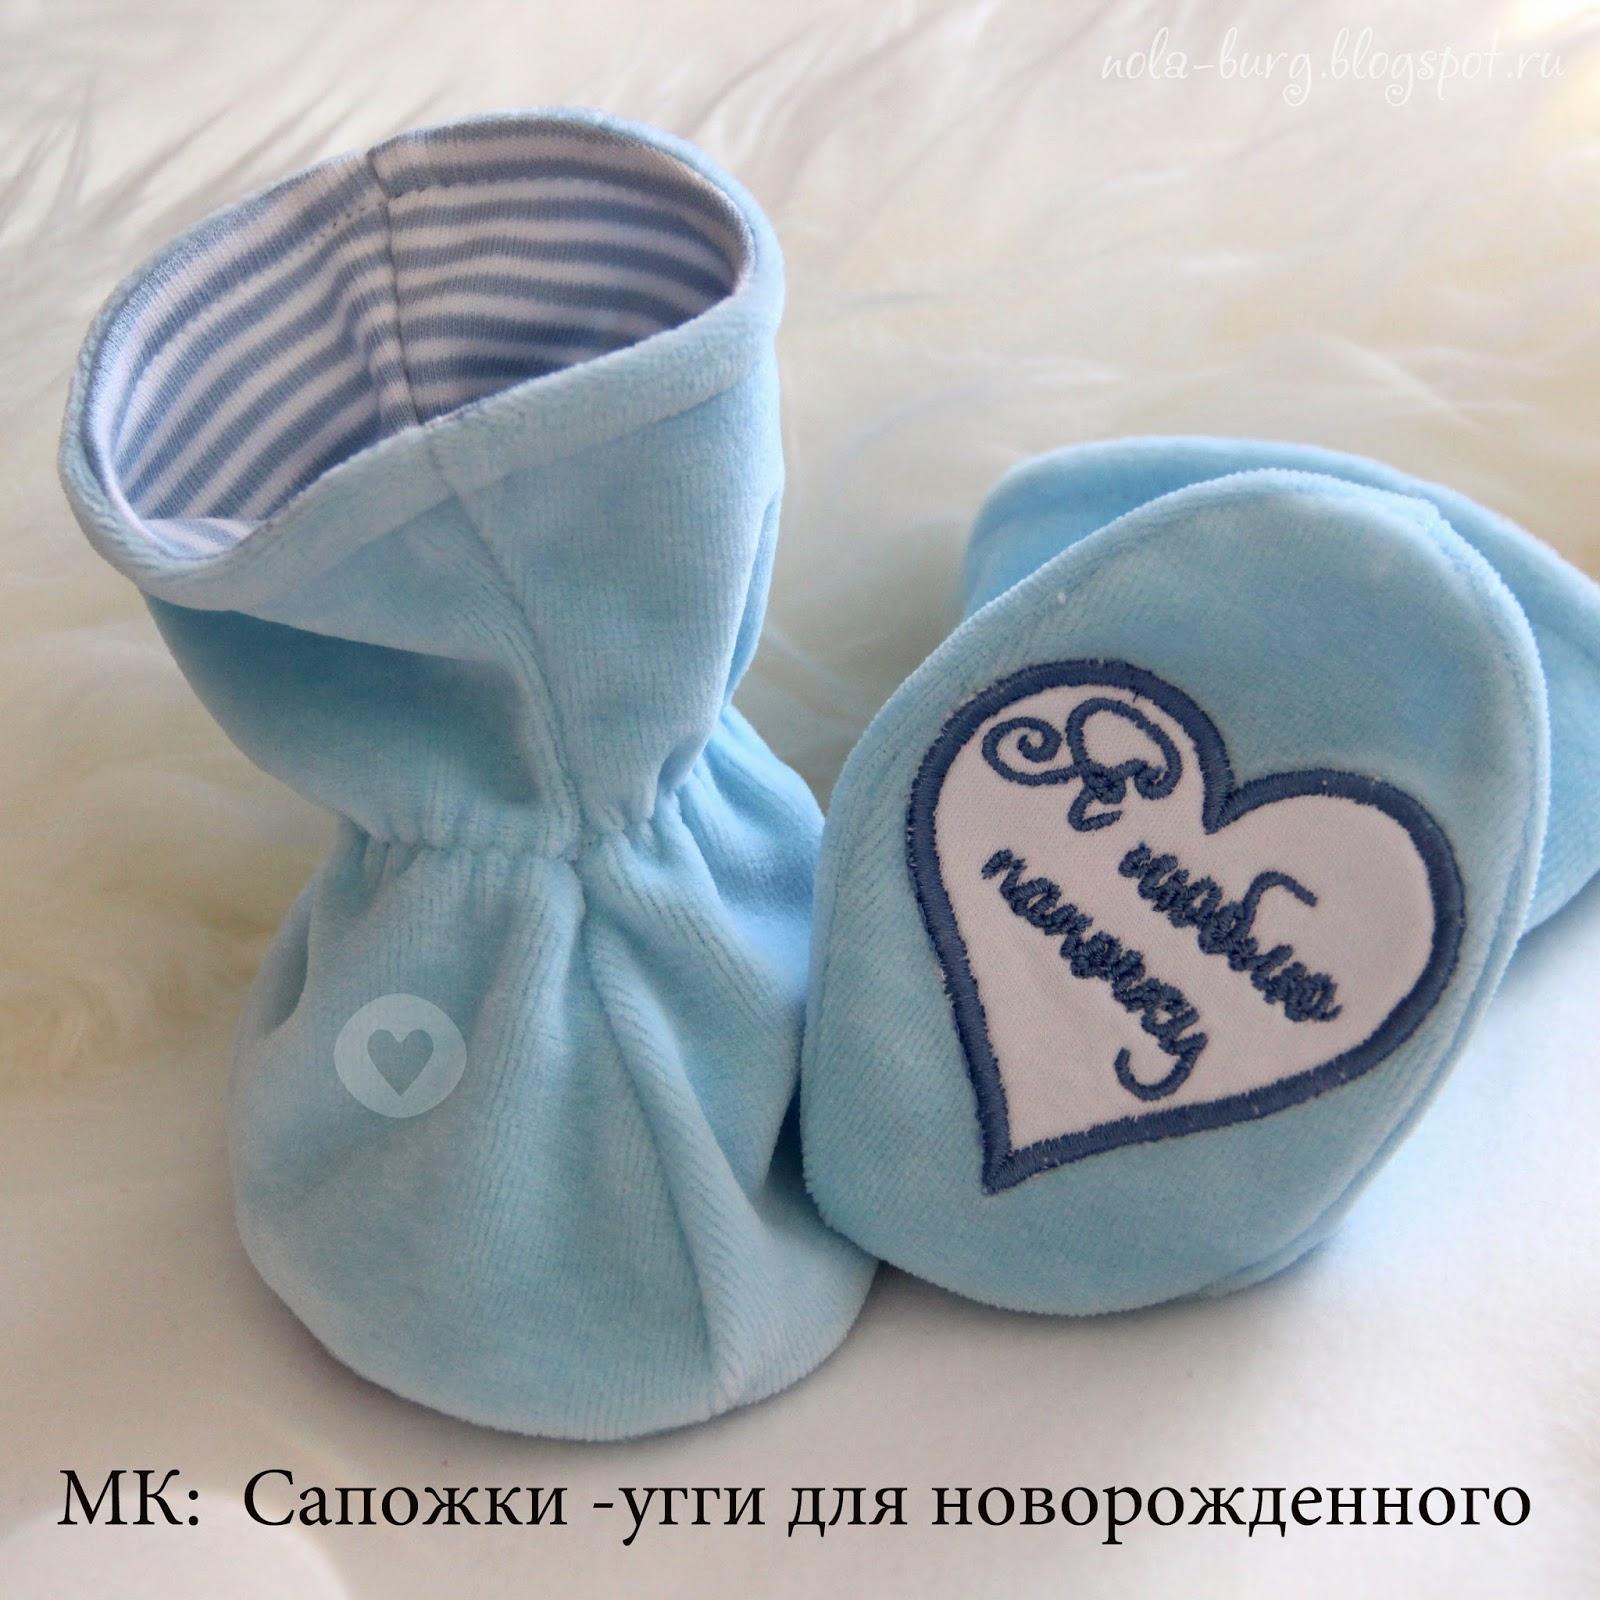 Пинетки для новорожденных сшить своими руками